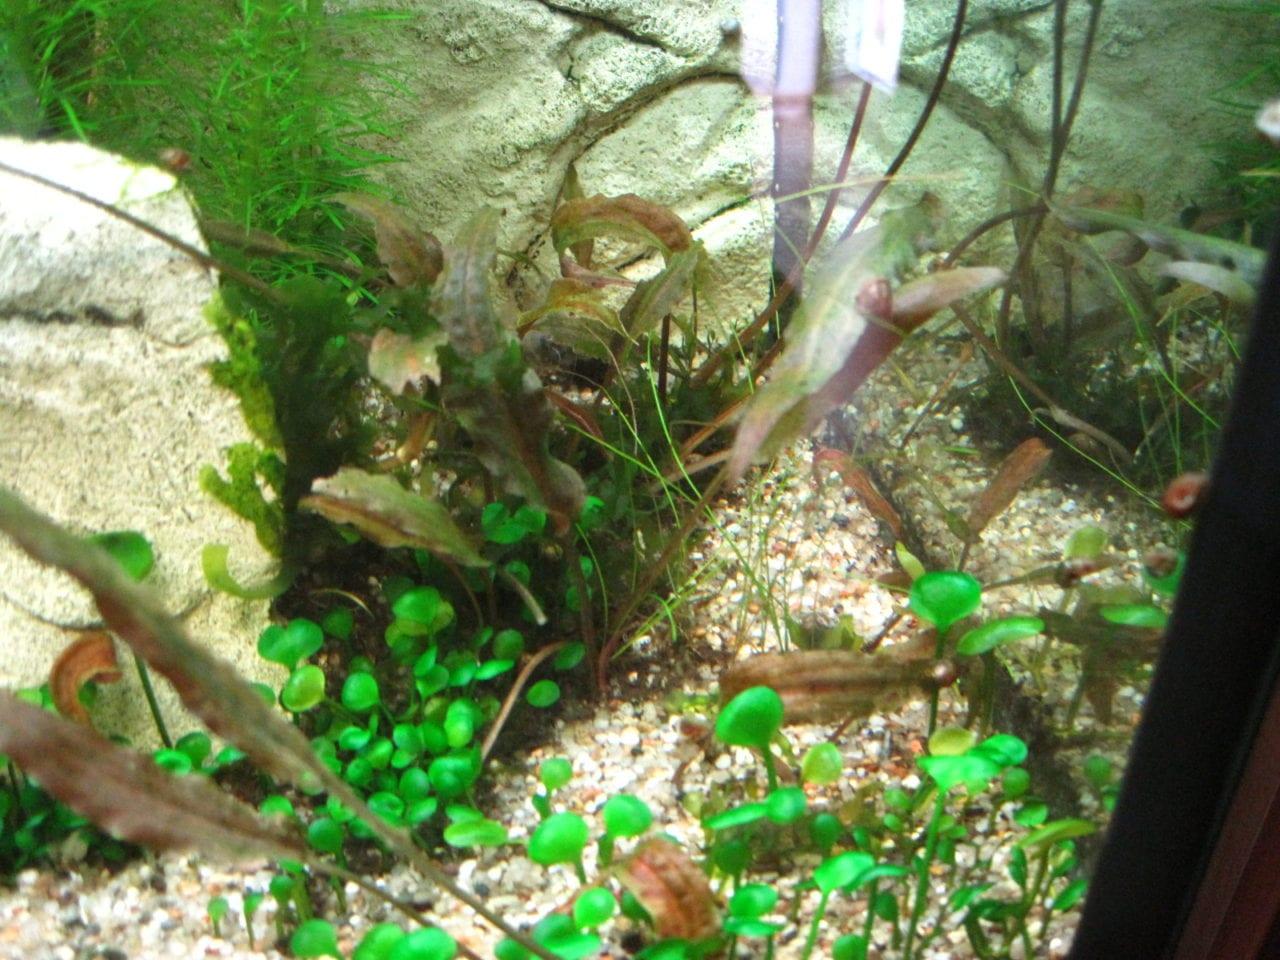 Cryptocoryenfäule betrifft den gesamten Bestand von Wasserkelchen im Aquarium.